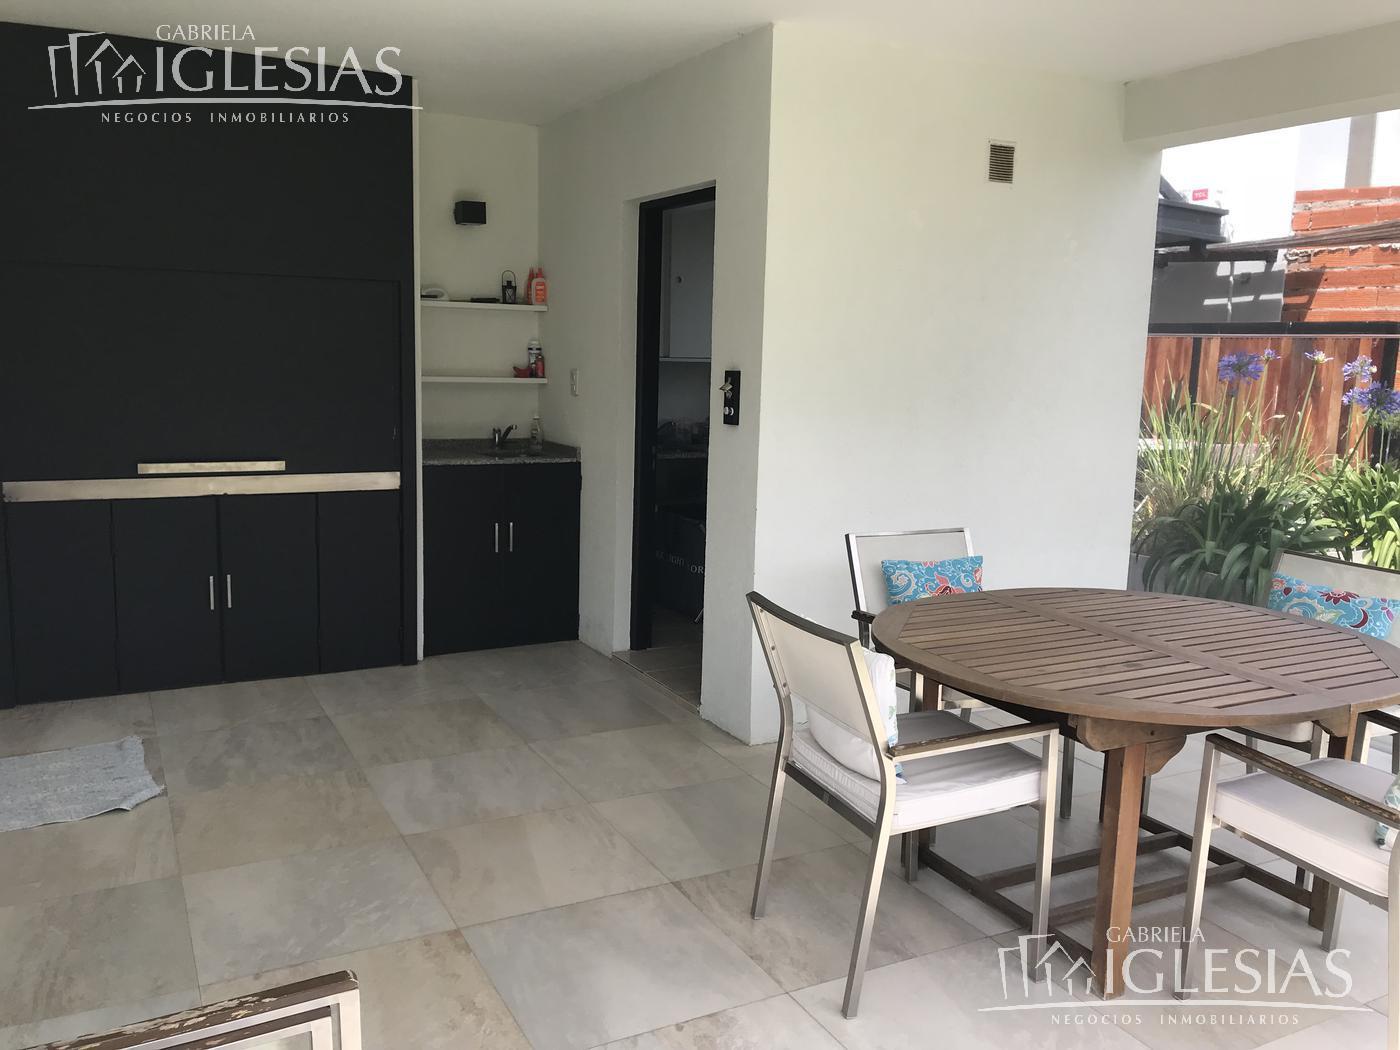 Casa en Venta en Nordelta Los Alisos a Venta - u$s 530.000